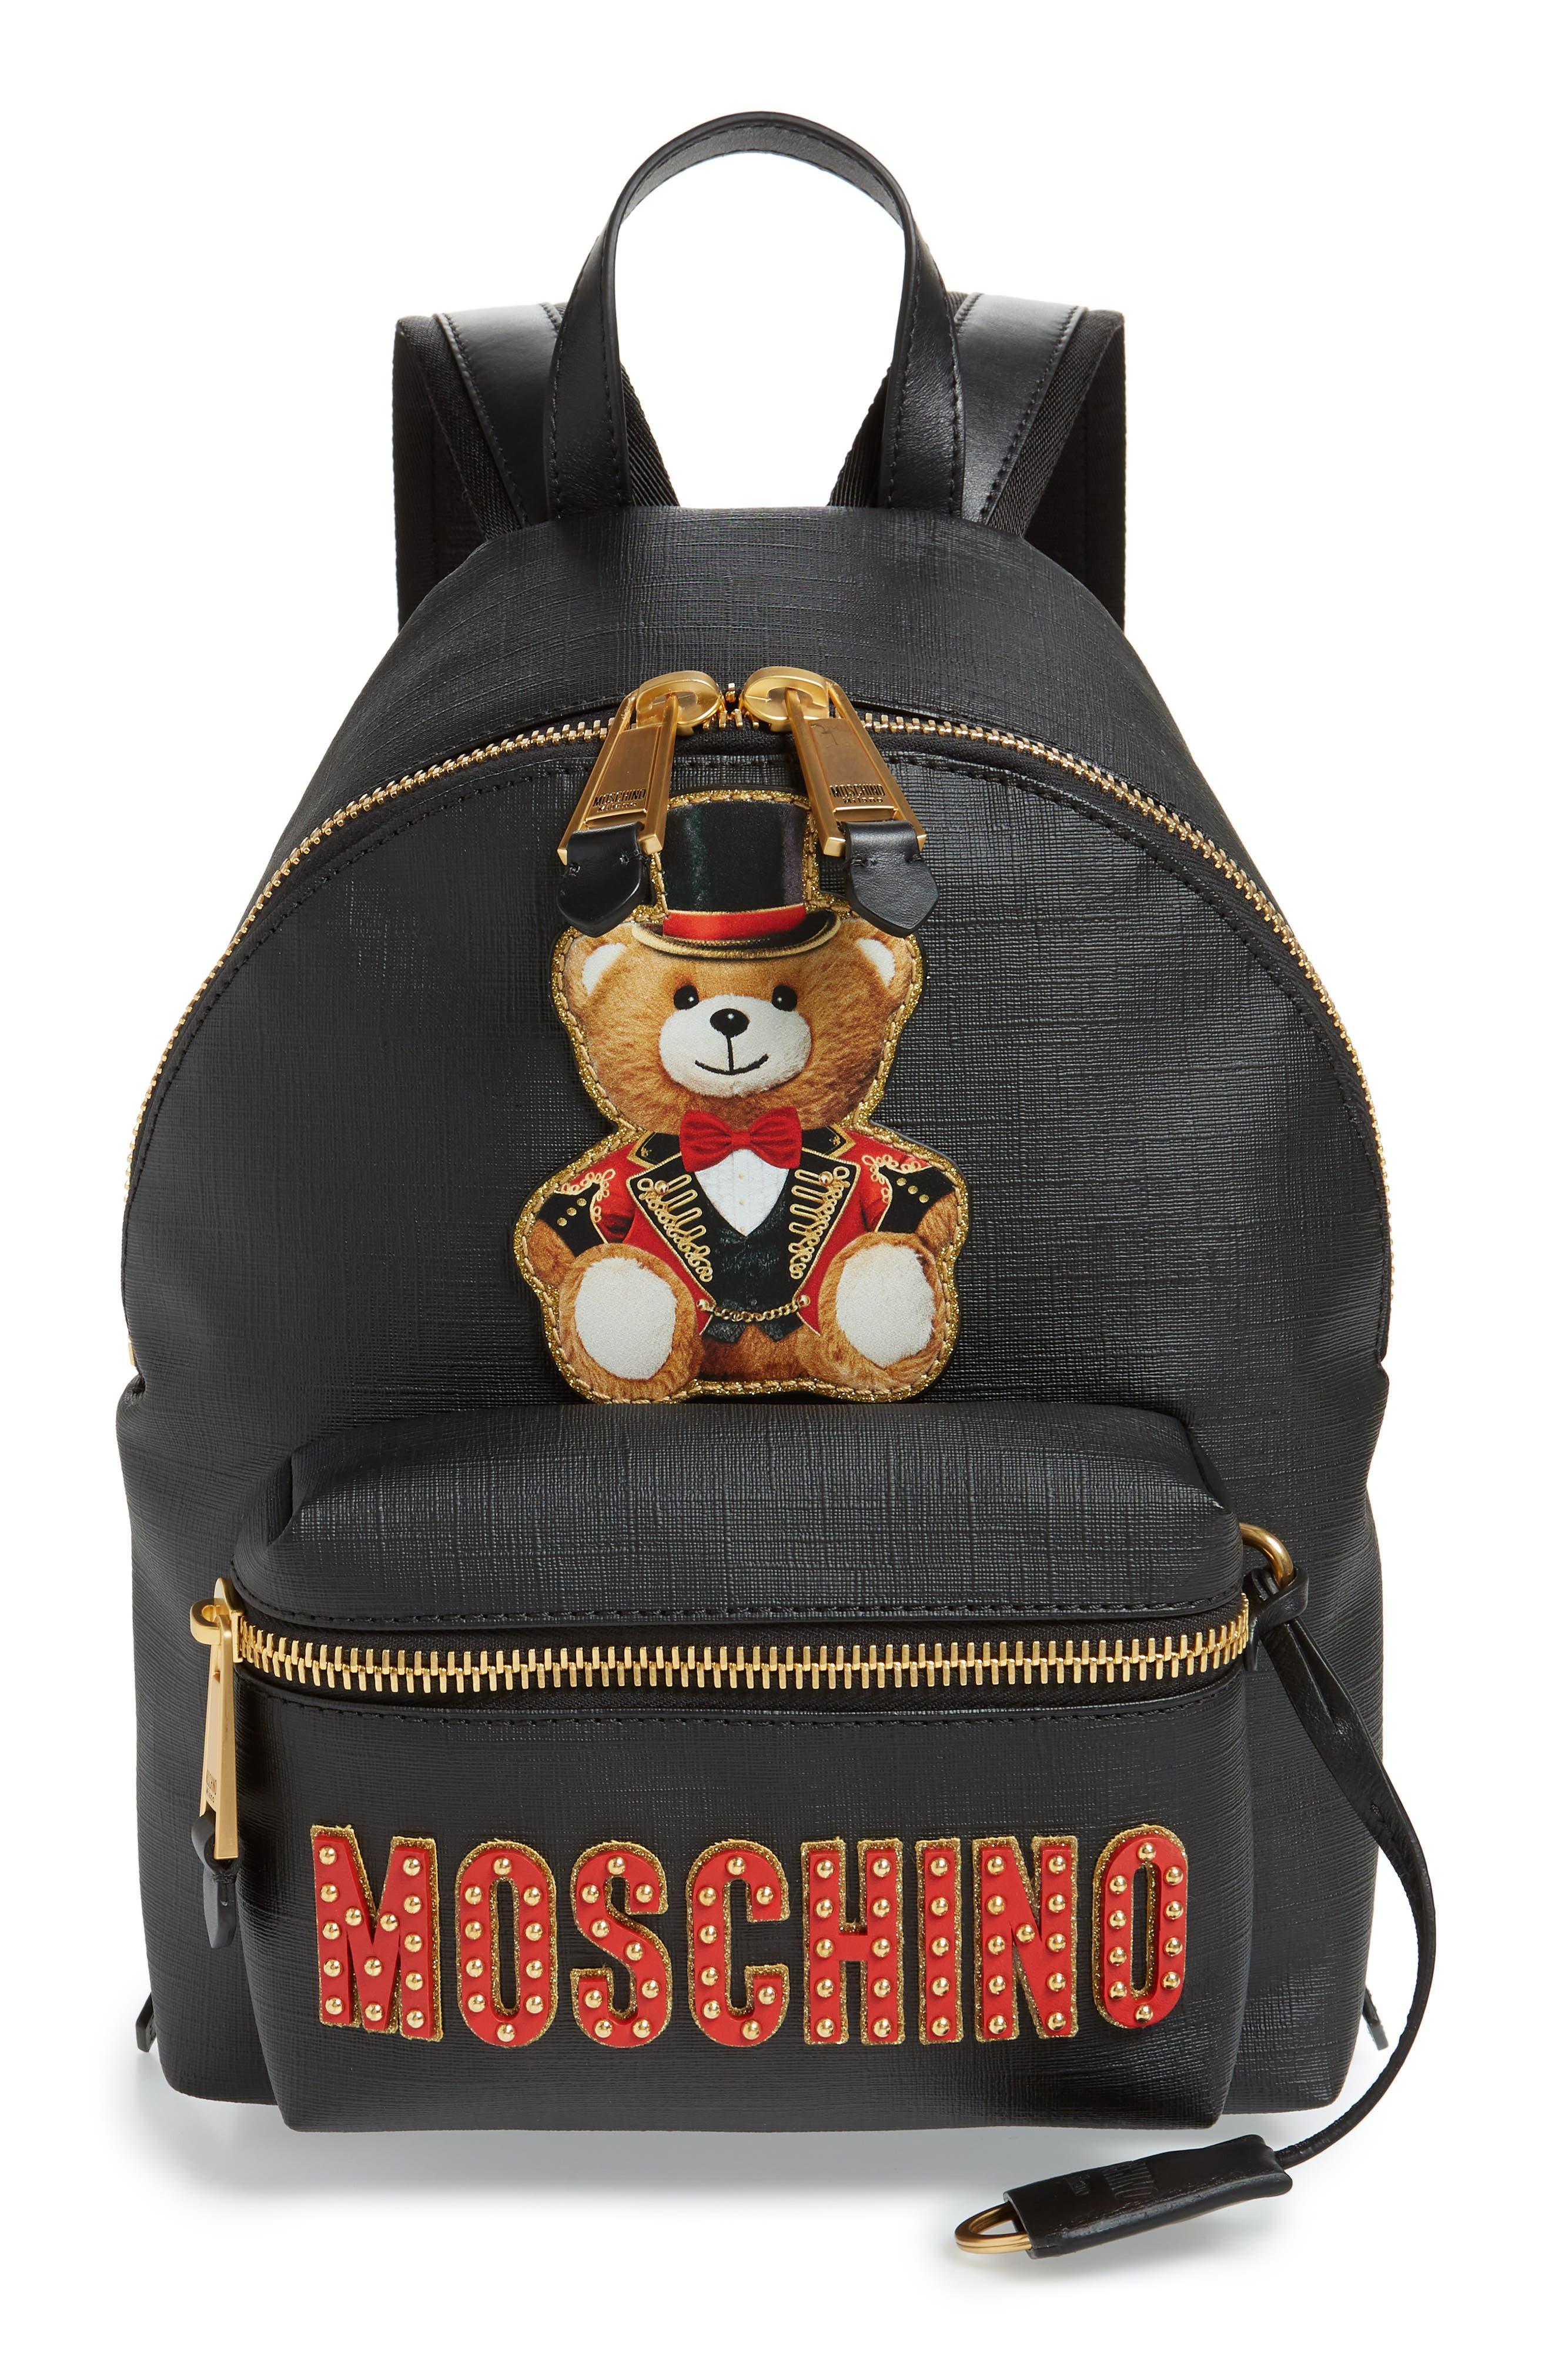 MOSCHINO, Mini Ring Master Backpack, Main thumbnail 1, color, BLACK